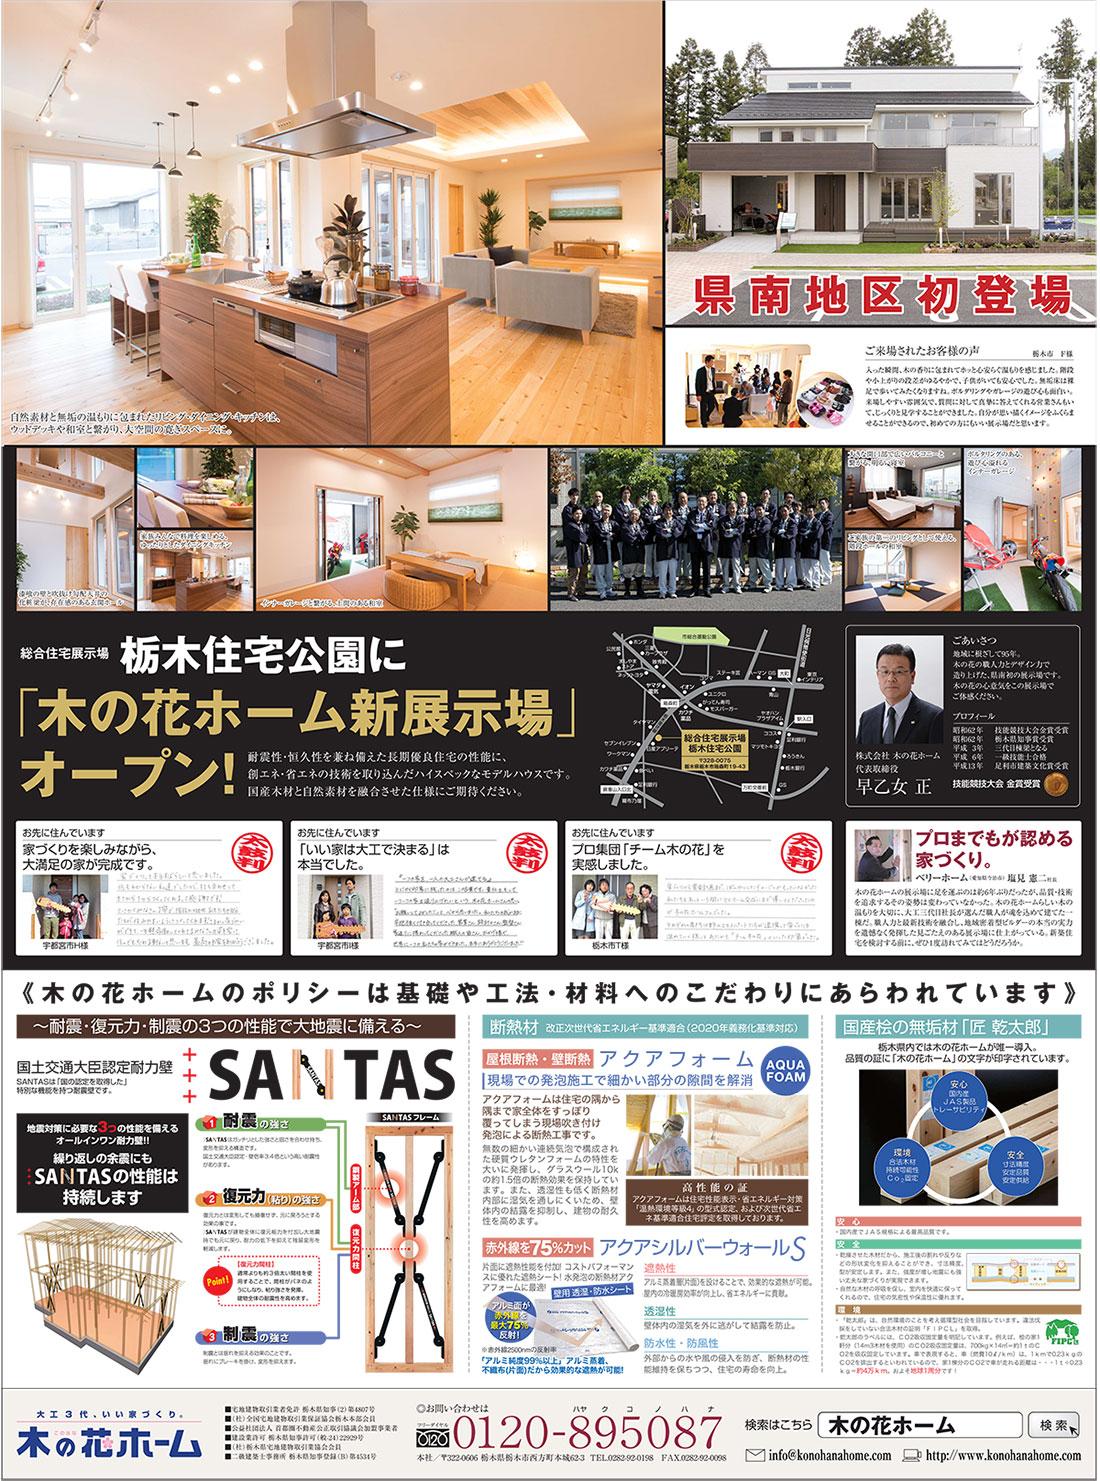 栃木住宅公園に木の花ホームの新展示場オープン!